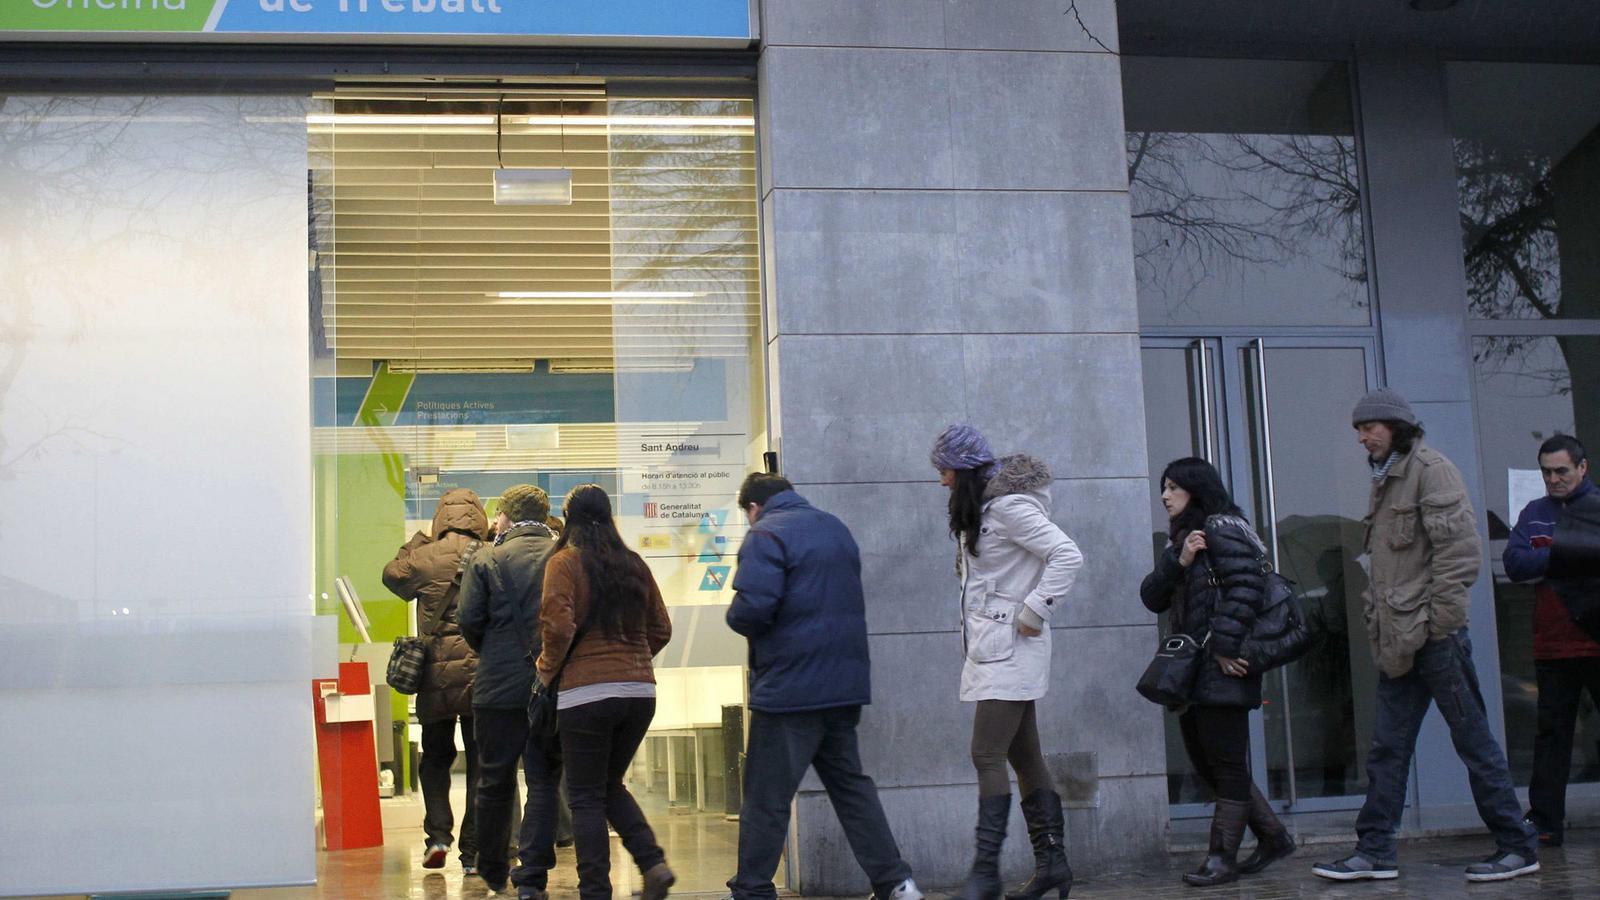 Brussel les creu que el mercat laboral reduir la temporalitat for Oficina de treball barcelona